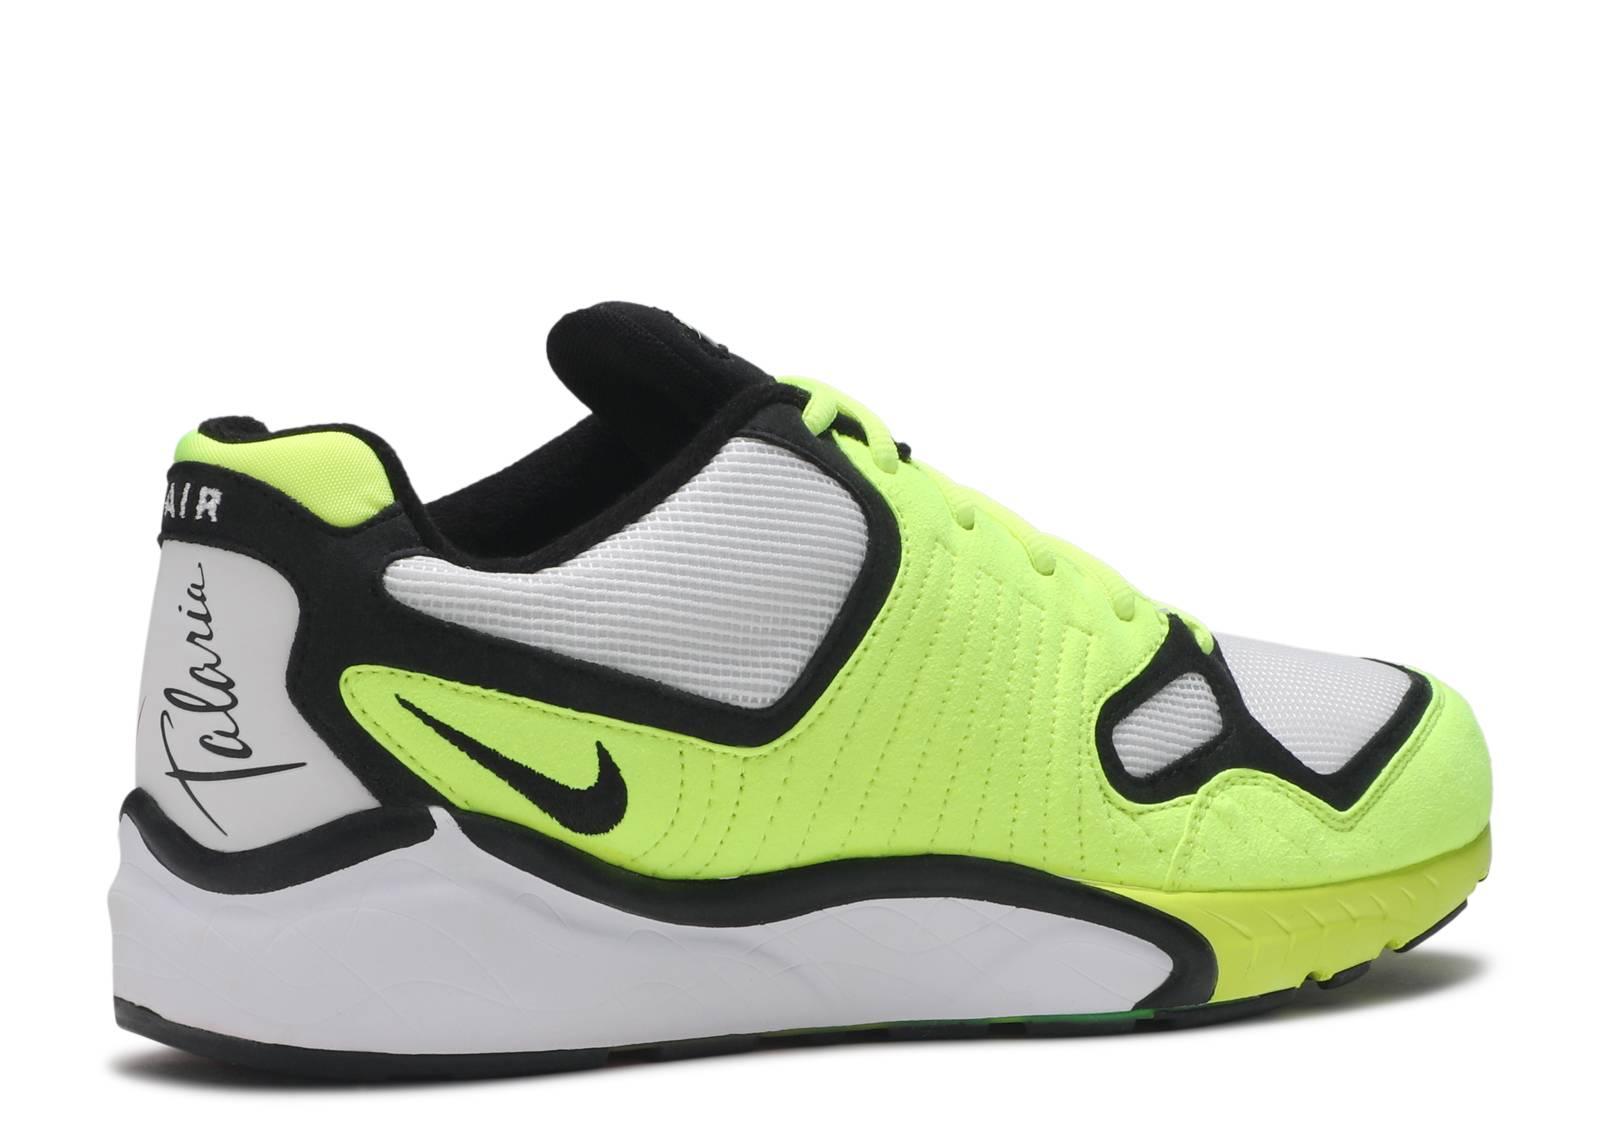 2eaed753131b63 Air Zoom Talaria 2016 - Nike - 844695 100 - white black-volt-white ...